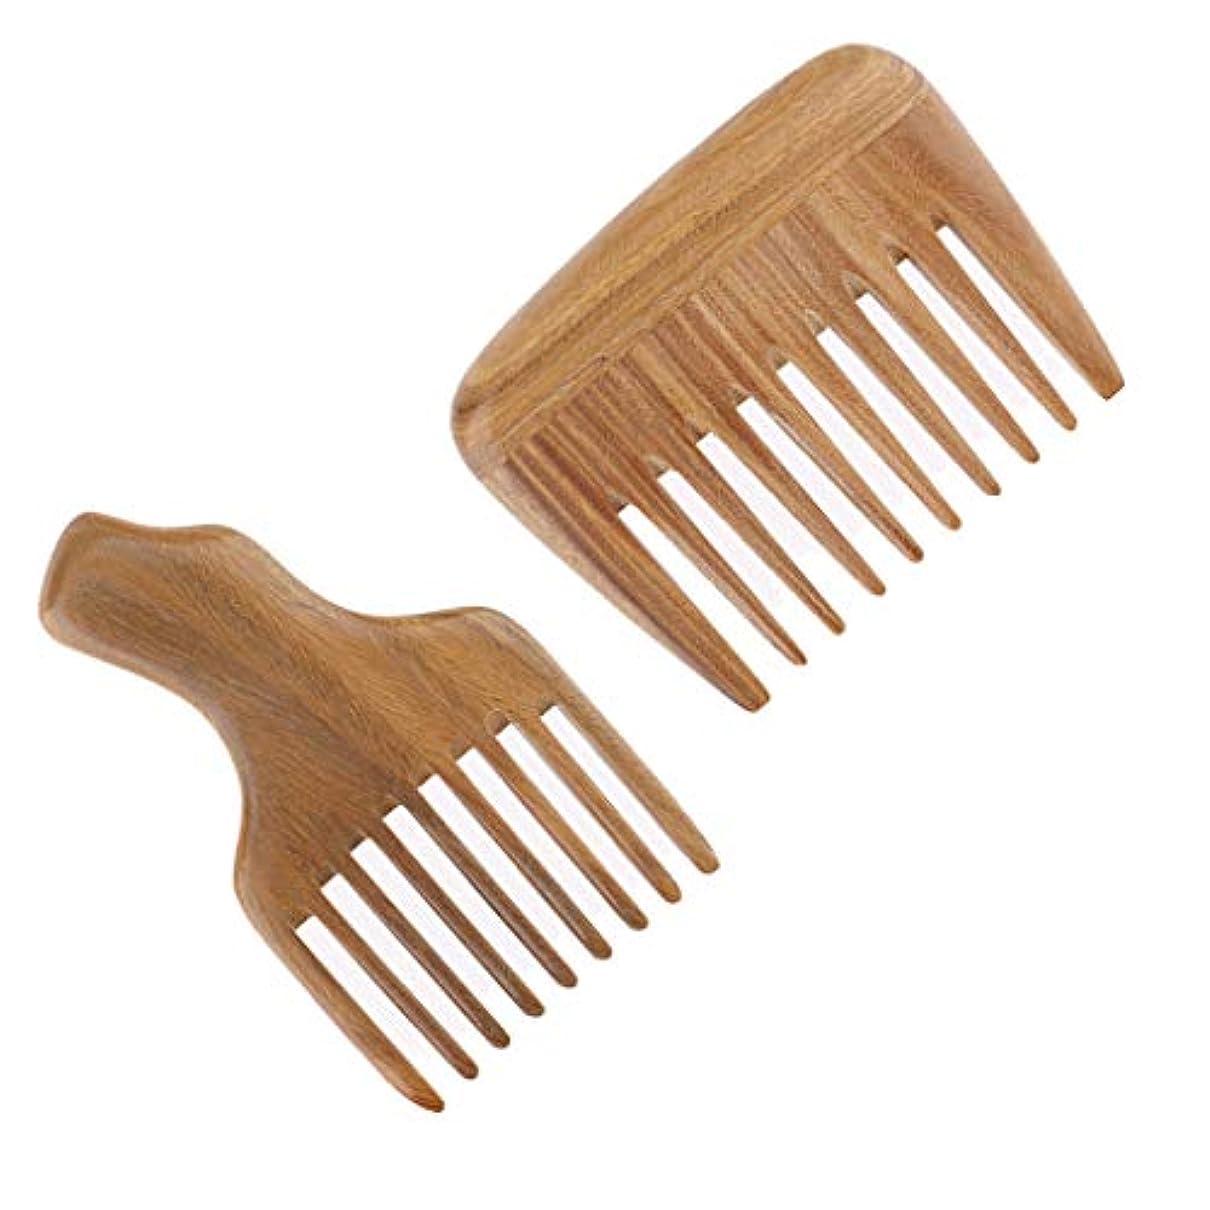 呼ぶ改善東ティモール木製コーム ヘアブラシ ヘアコーム 粗い櫛 ユニセックス 理髪店 サロン アクセサリー 2個入り